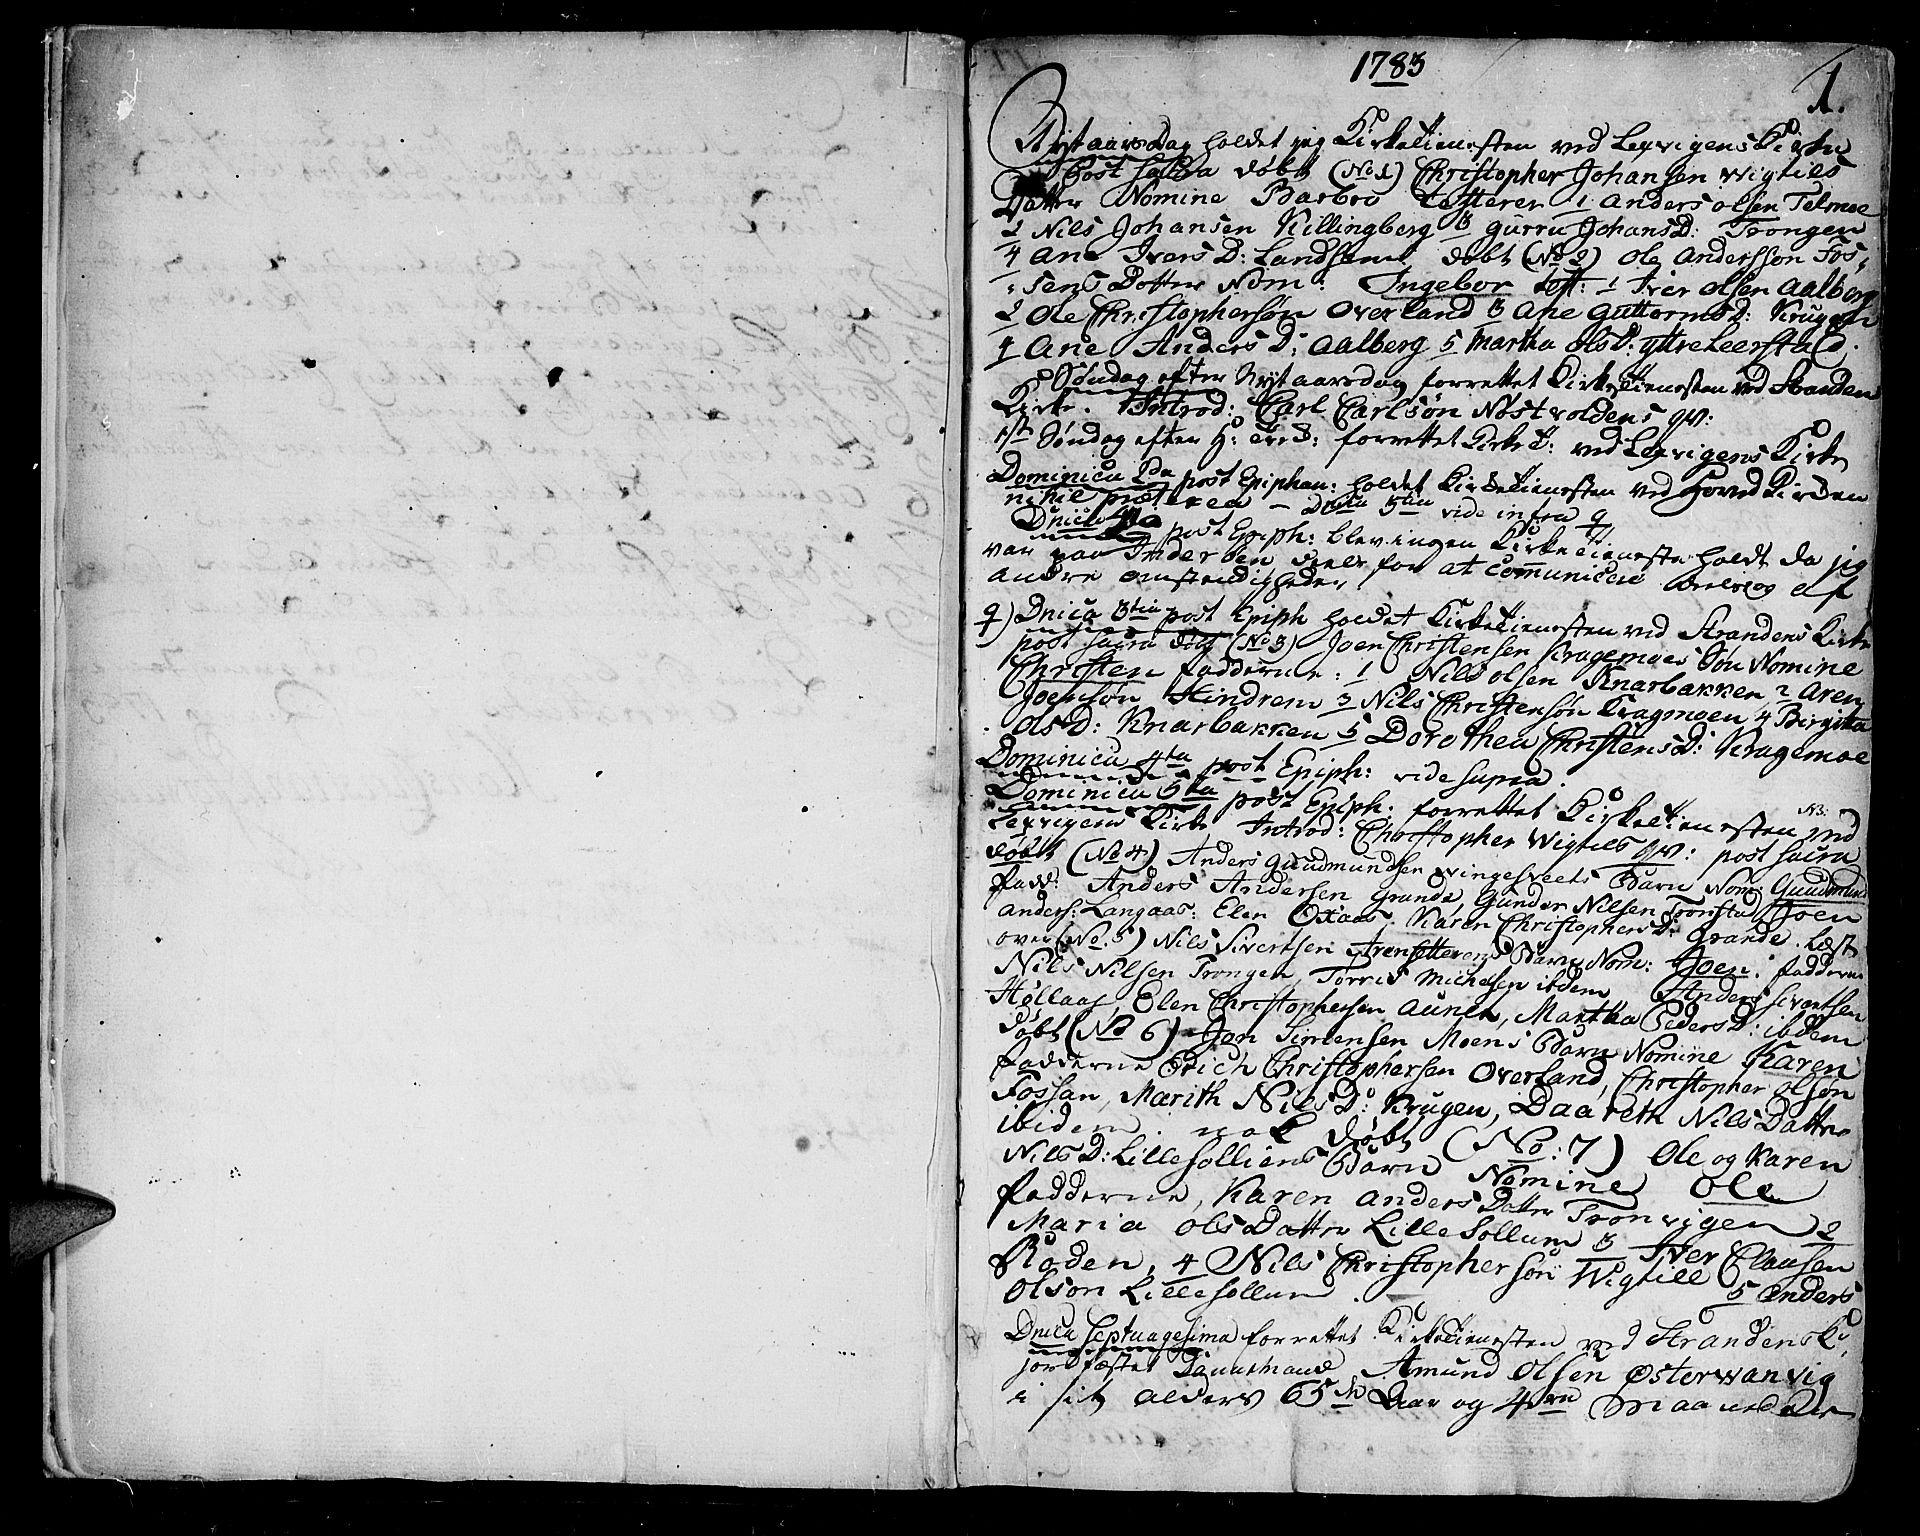 SAT, Ministerialprotokoller, klokkerbøker og fødselsregistre - Nord-Trøndelag, 701/L0004: Parish register (official) no. 701A04, 1783-1816, p. 1